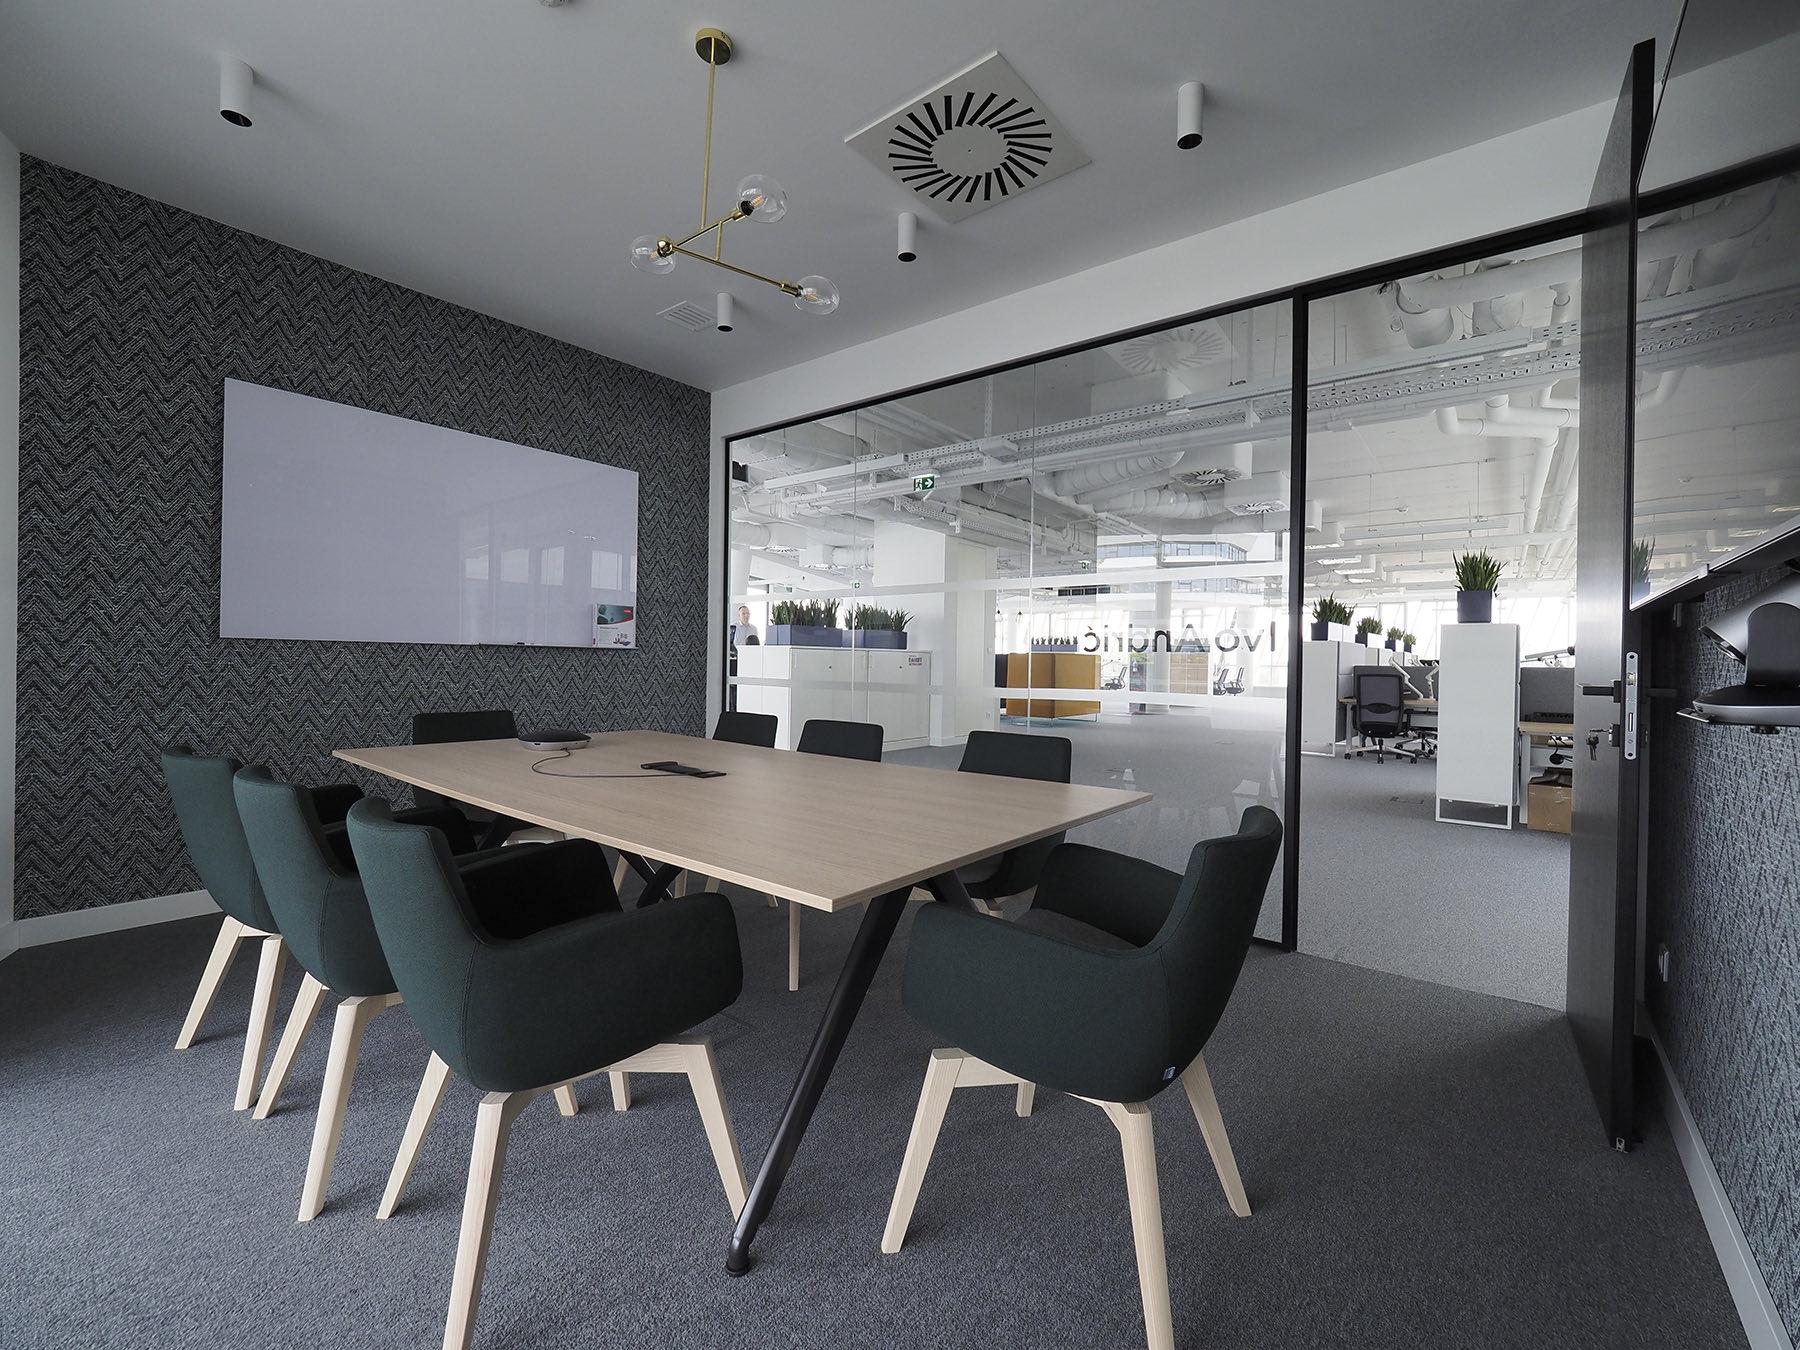 tomtom-belgrade-office-4